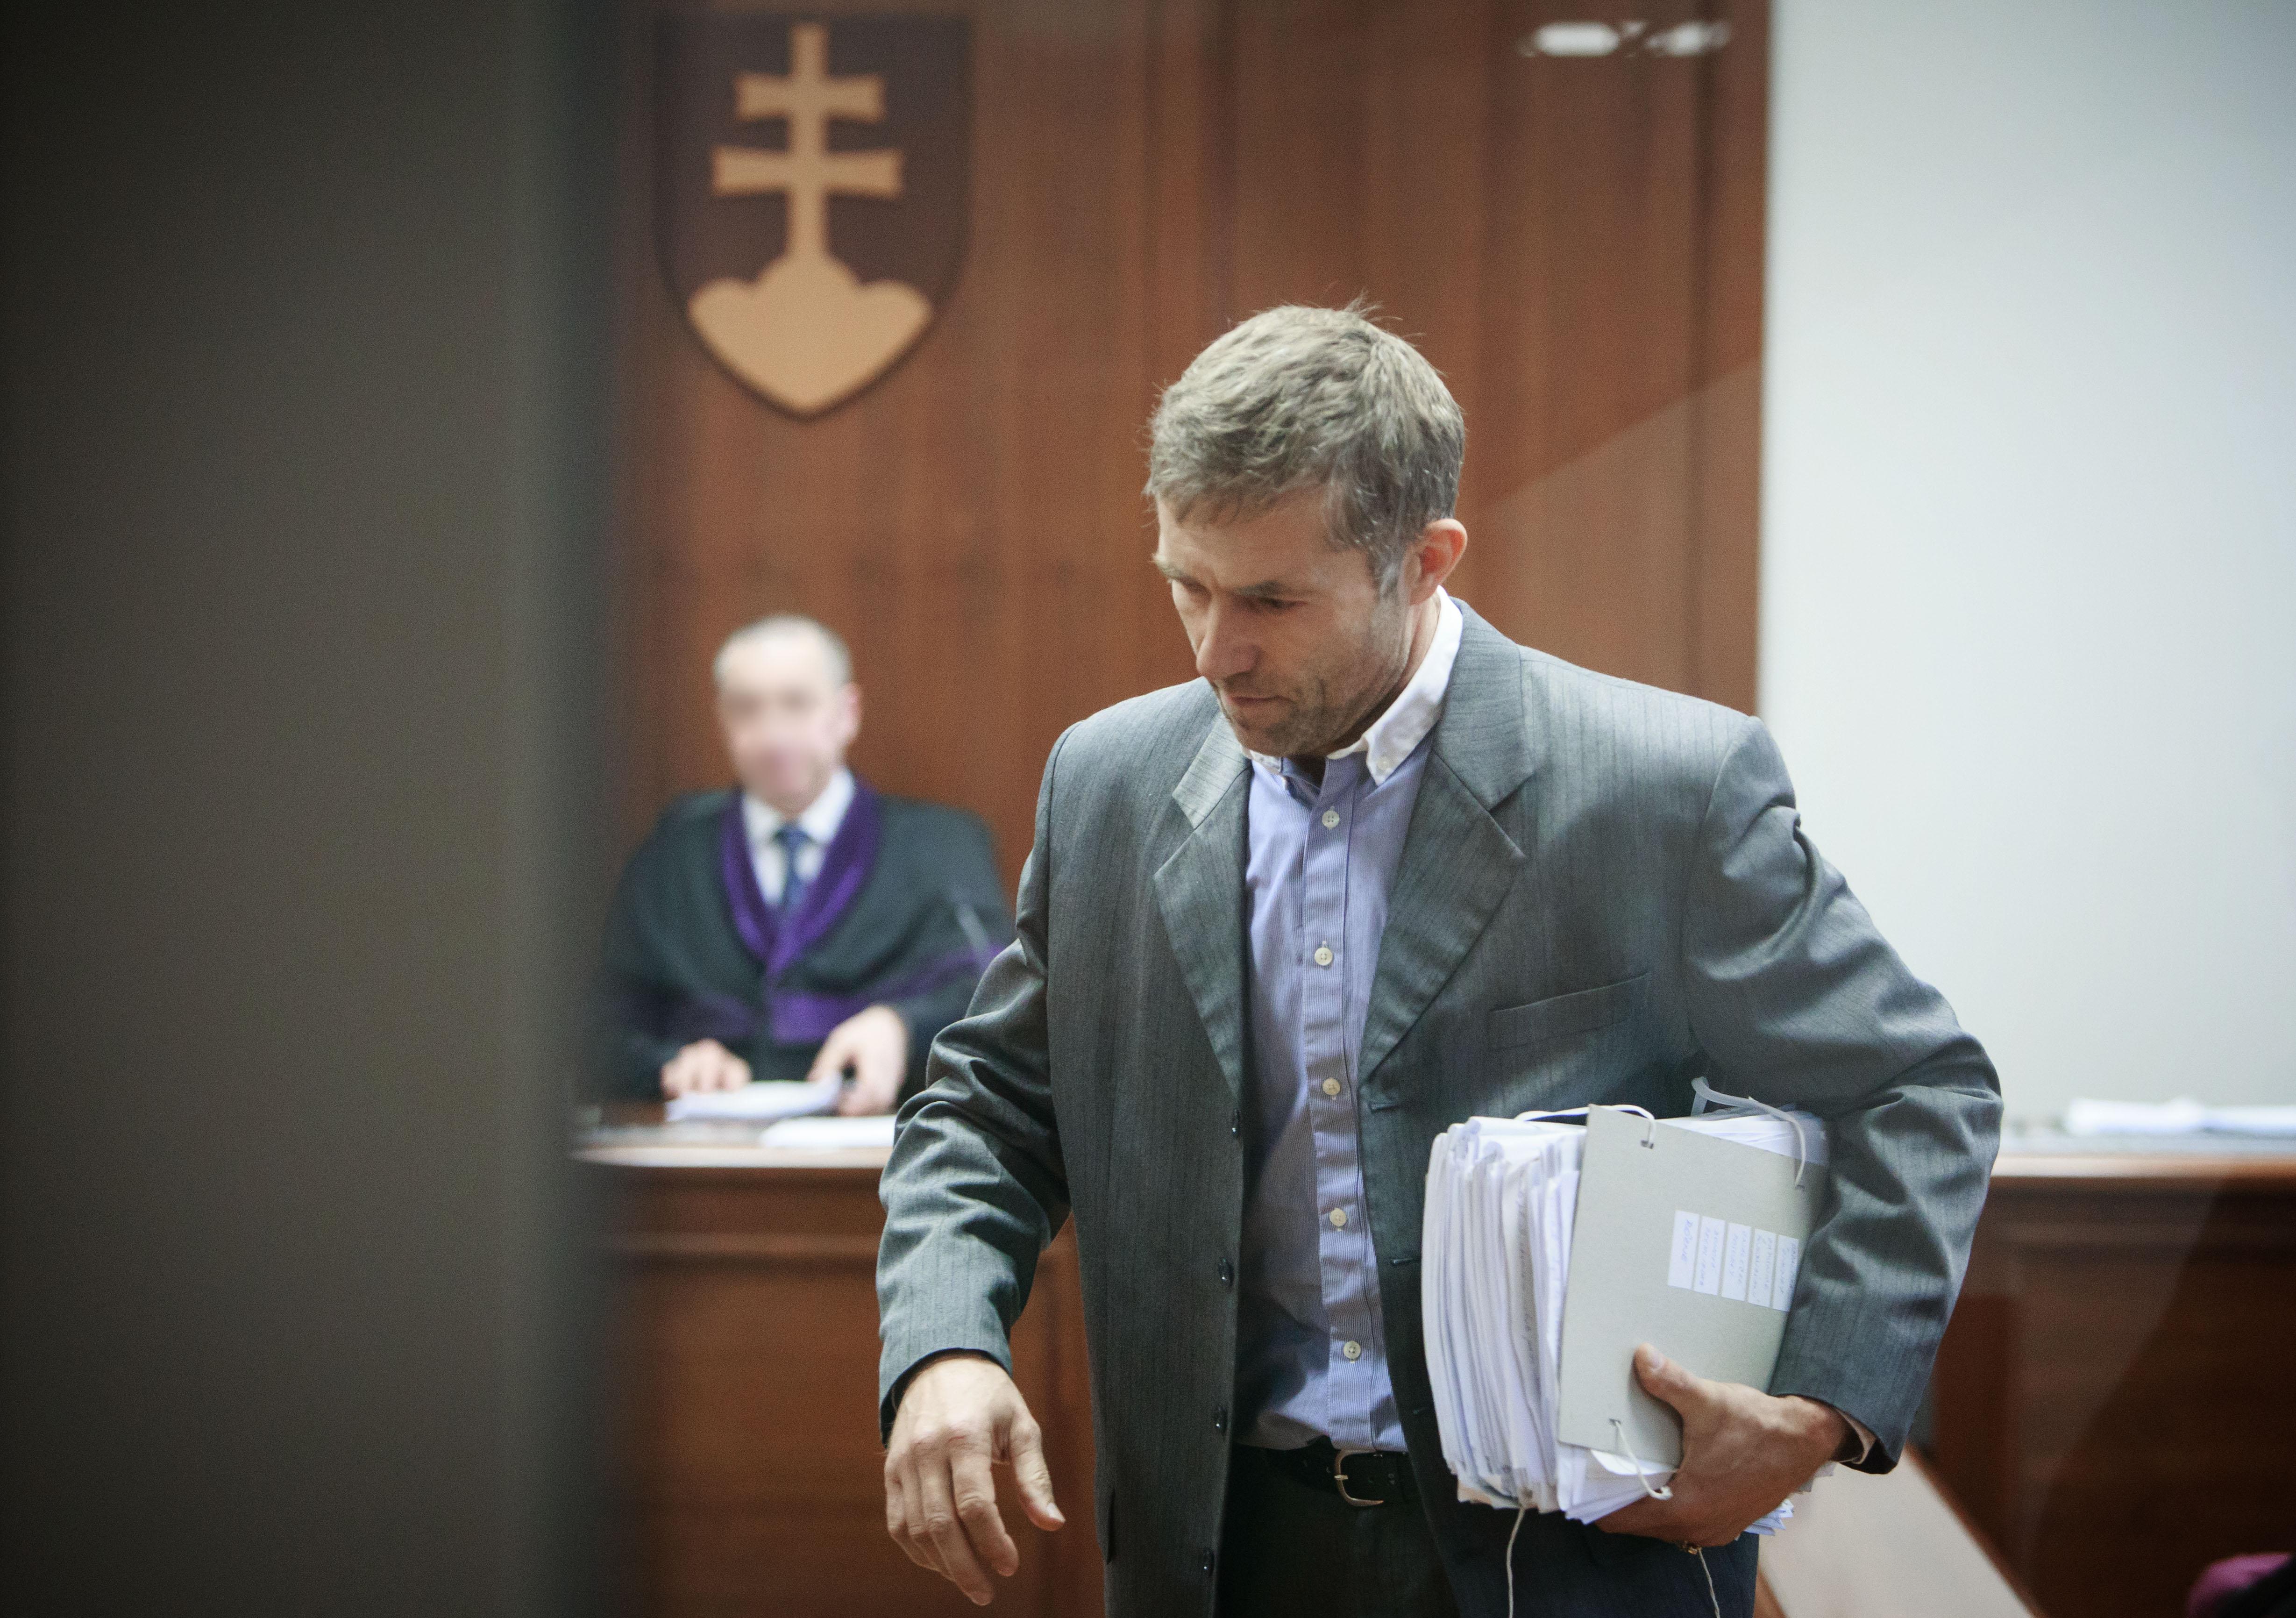 Generálna prokuratúra: Ak chce Kosík vypovedať, sme pripravení ho vypočuť – Denník N